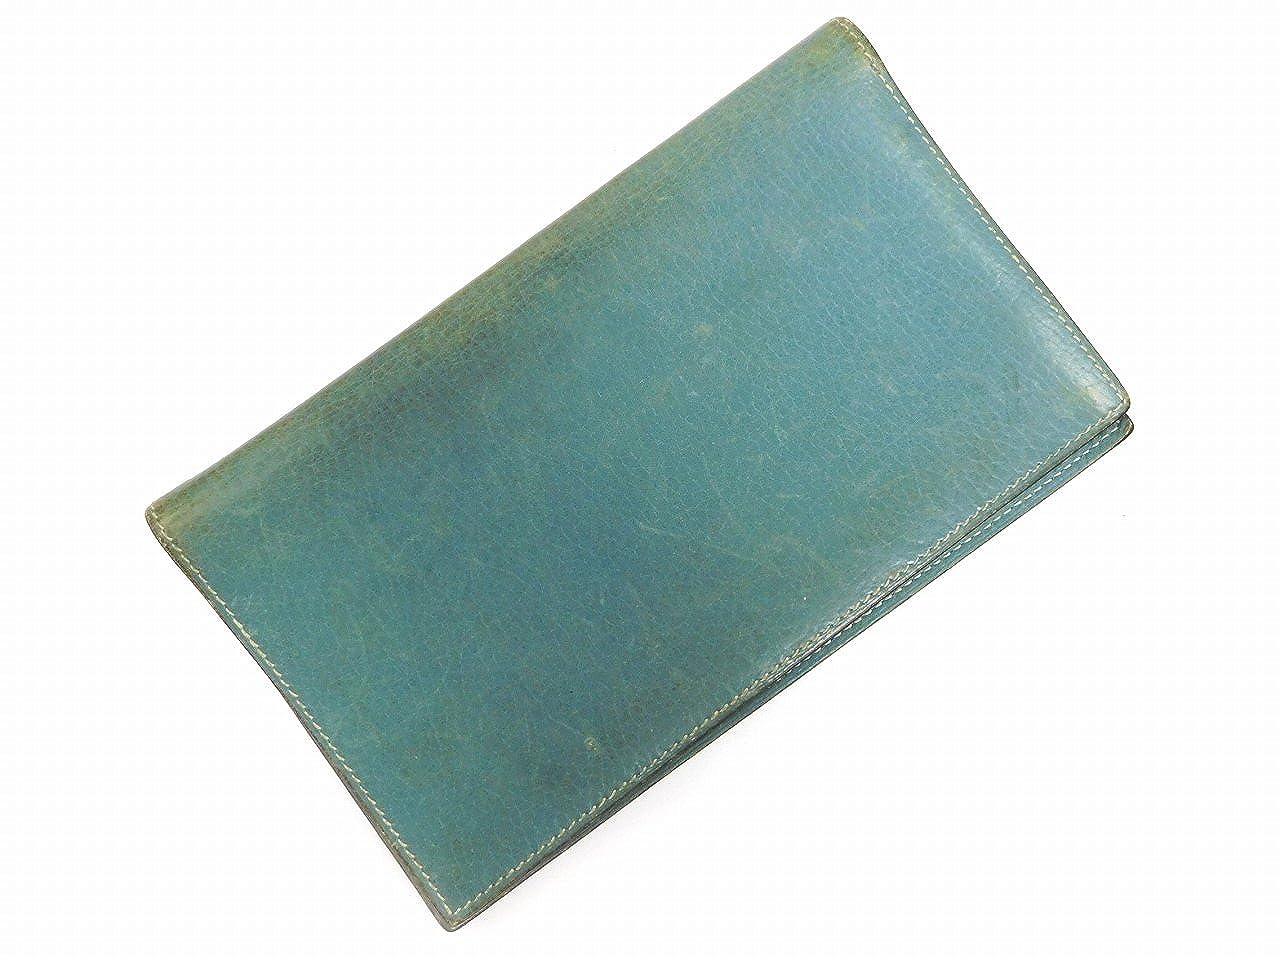 [エルメス] HERMES 手帳カバー ロゴ レザー X4476 中古   B01COLUUNO